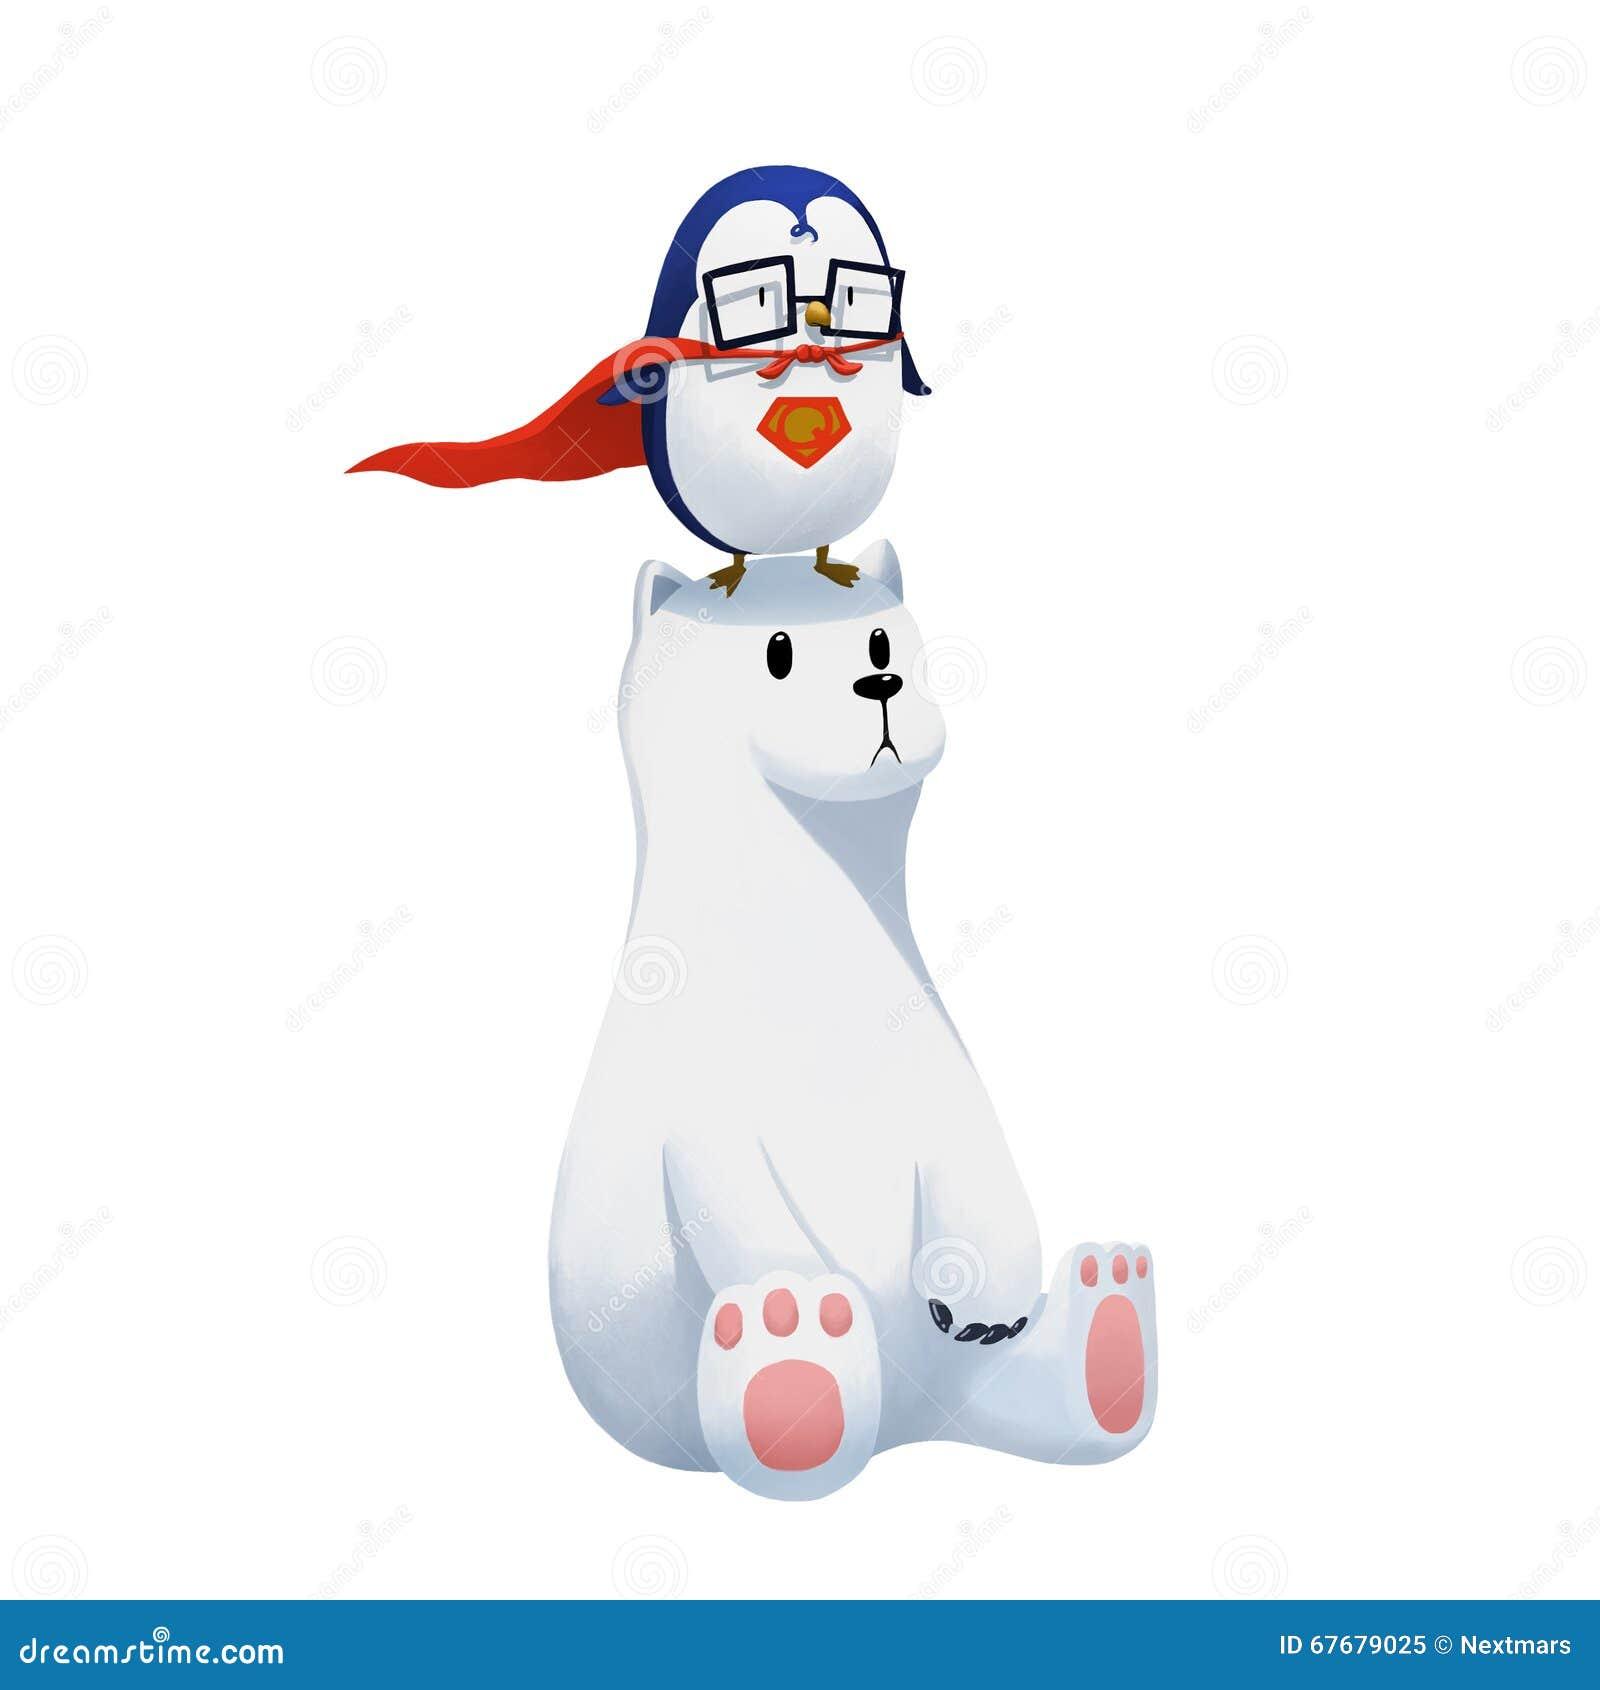 例证:在白色背景和北极熊隔绝的超级企鹅图片